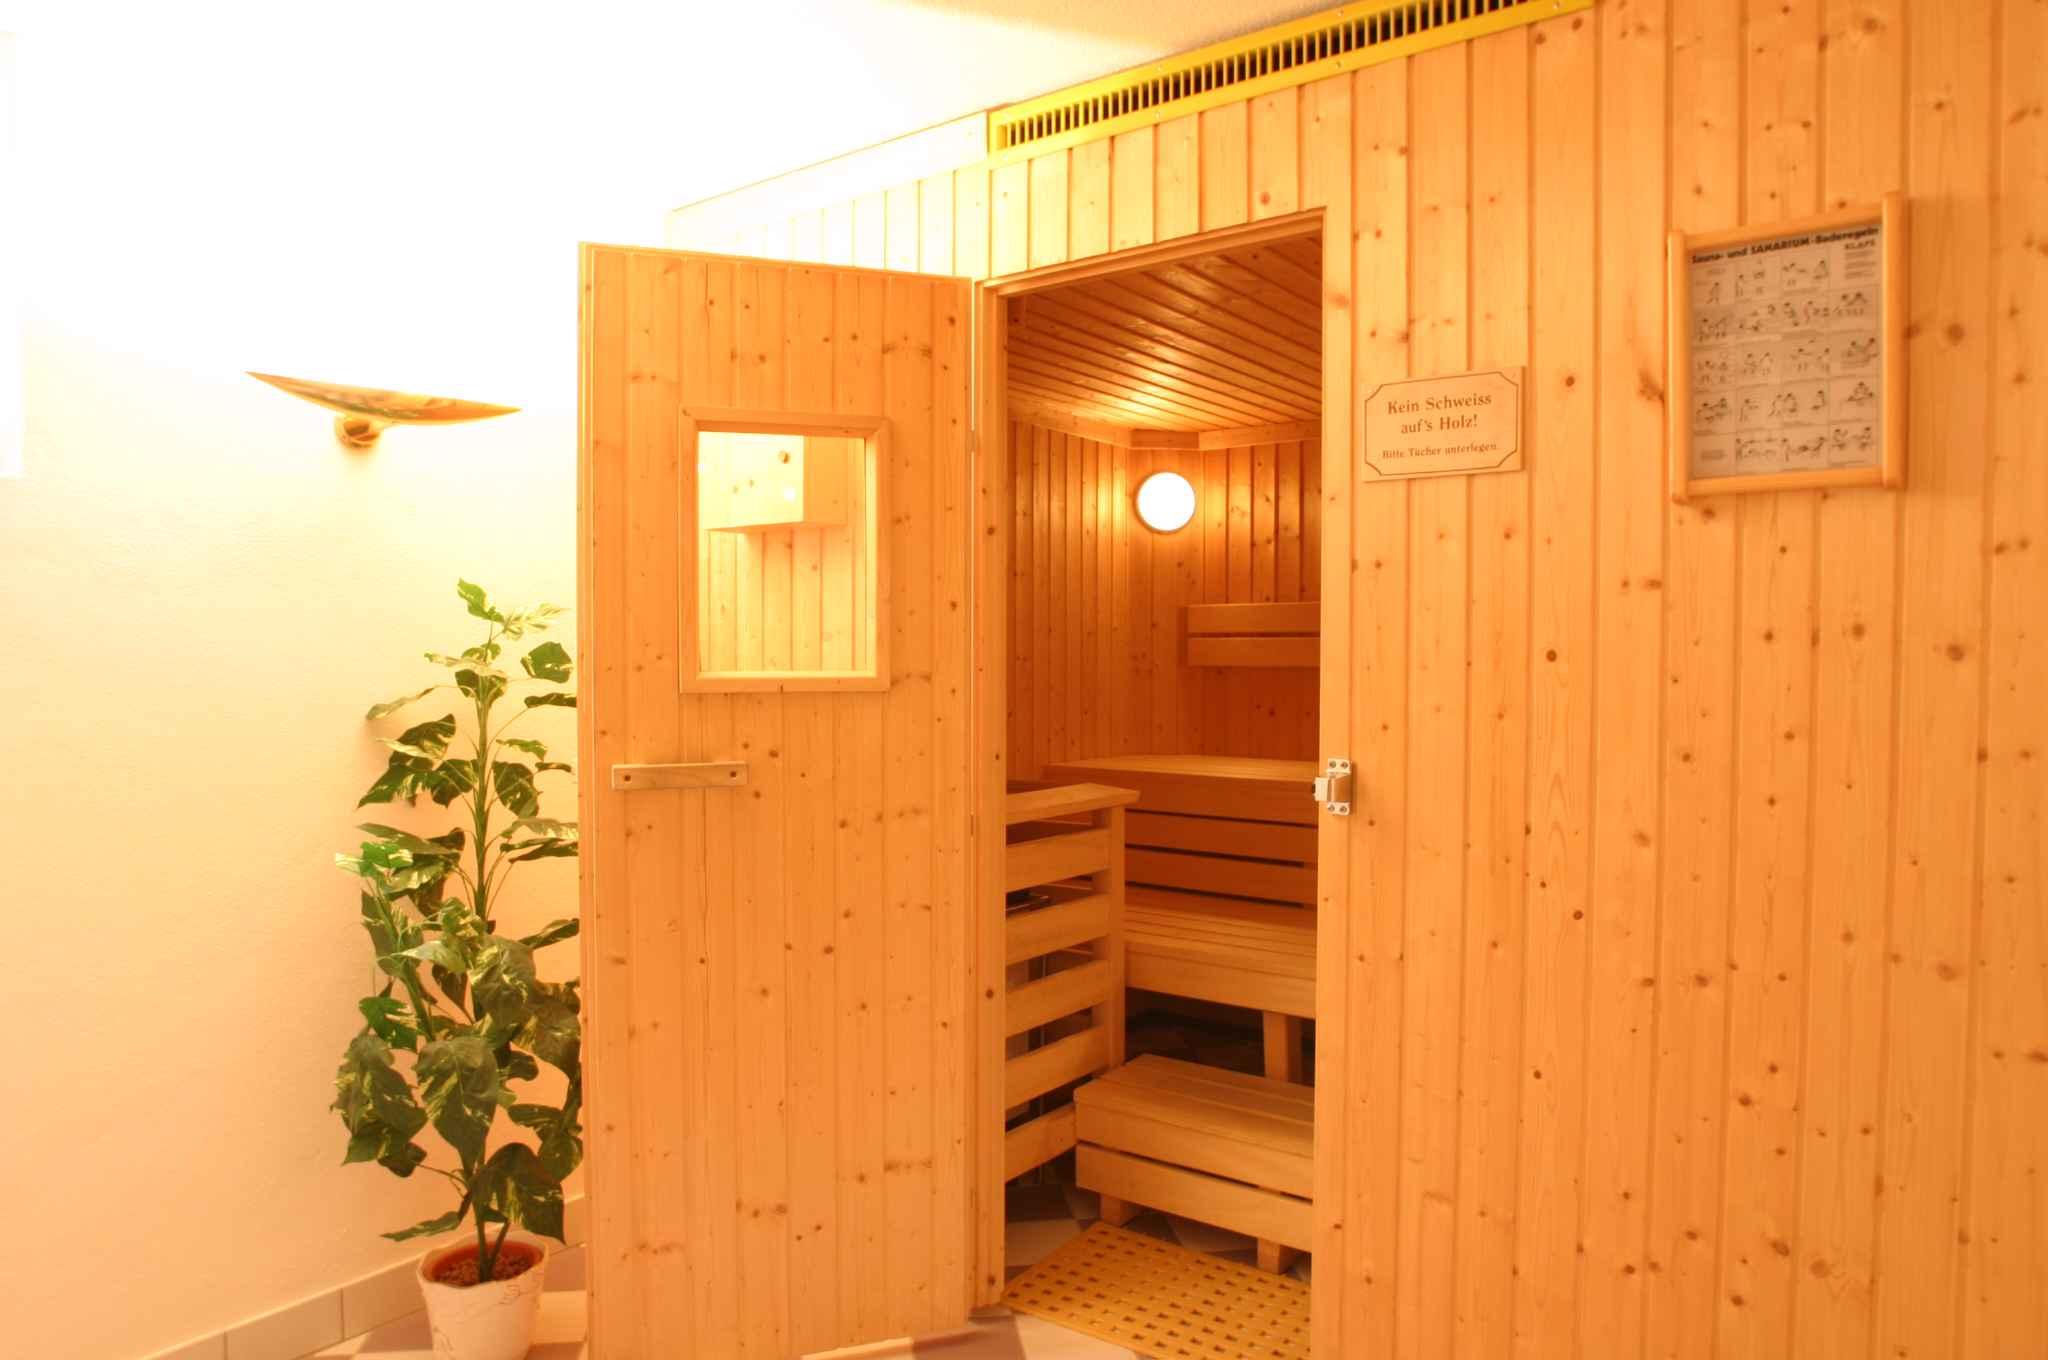 Ferienwohnung mit Wellness in ruhiger Lage (310162), Krimml, Pinzgau, Salzburg, Österreich, Bild 5